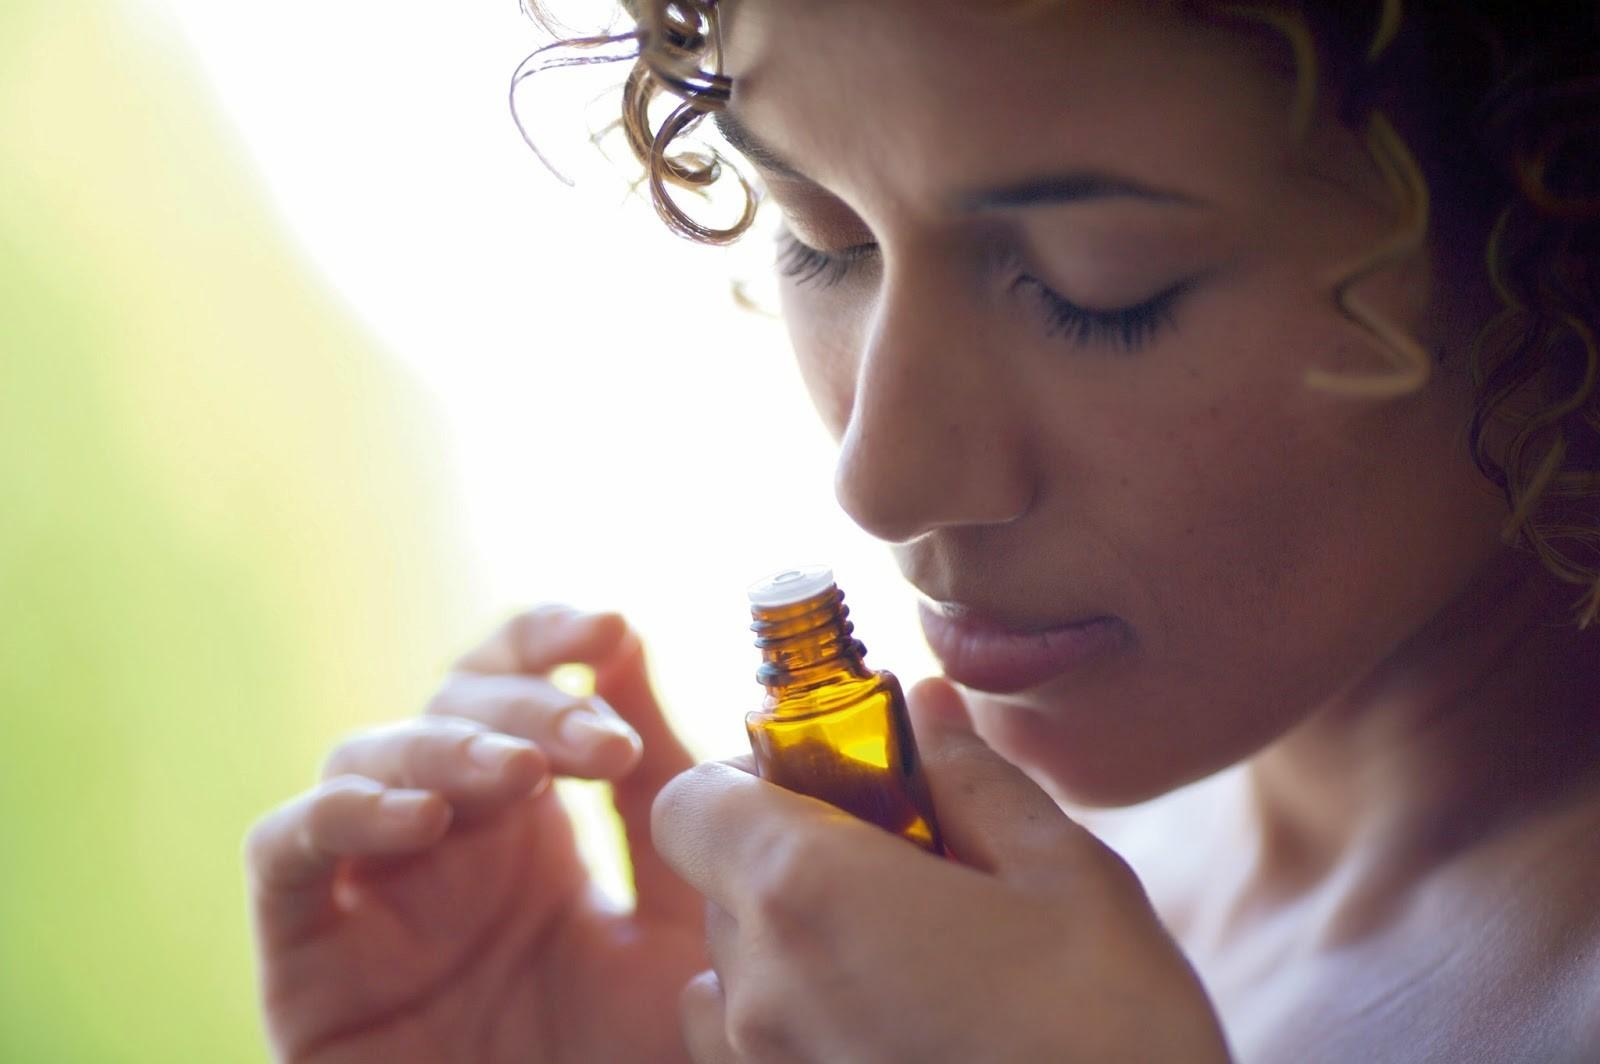 Sử dụng các loại tinh dầu để tăng cường hệ hô hấp